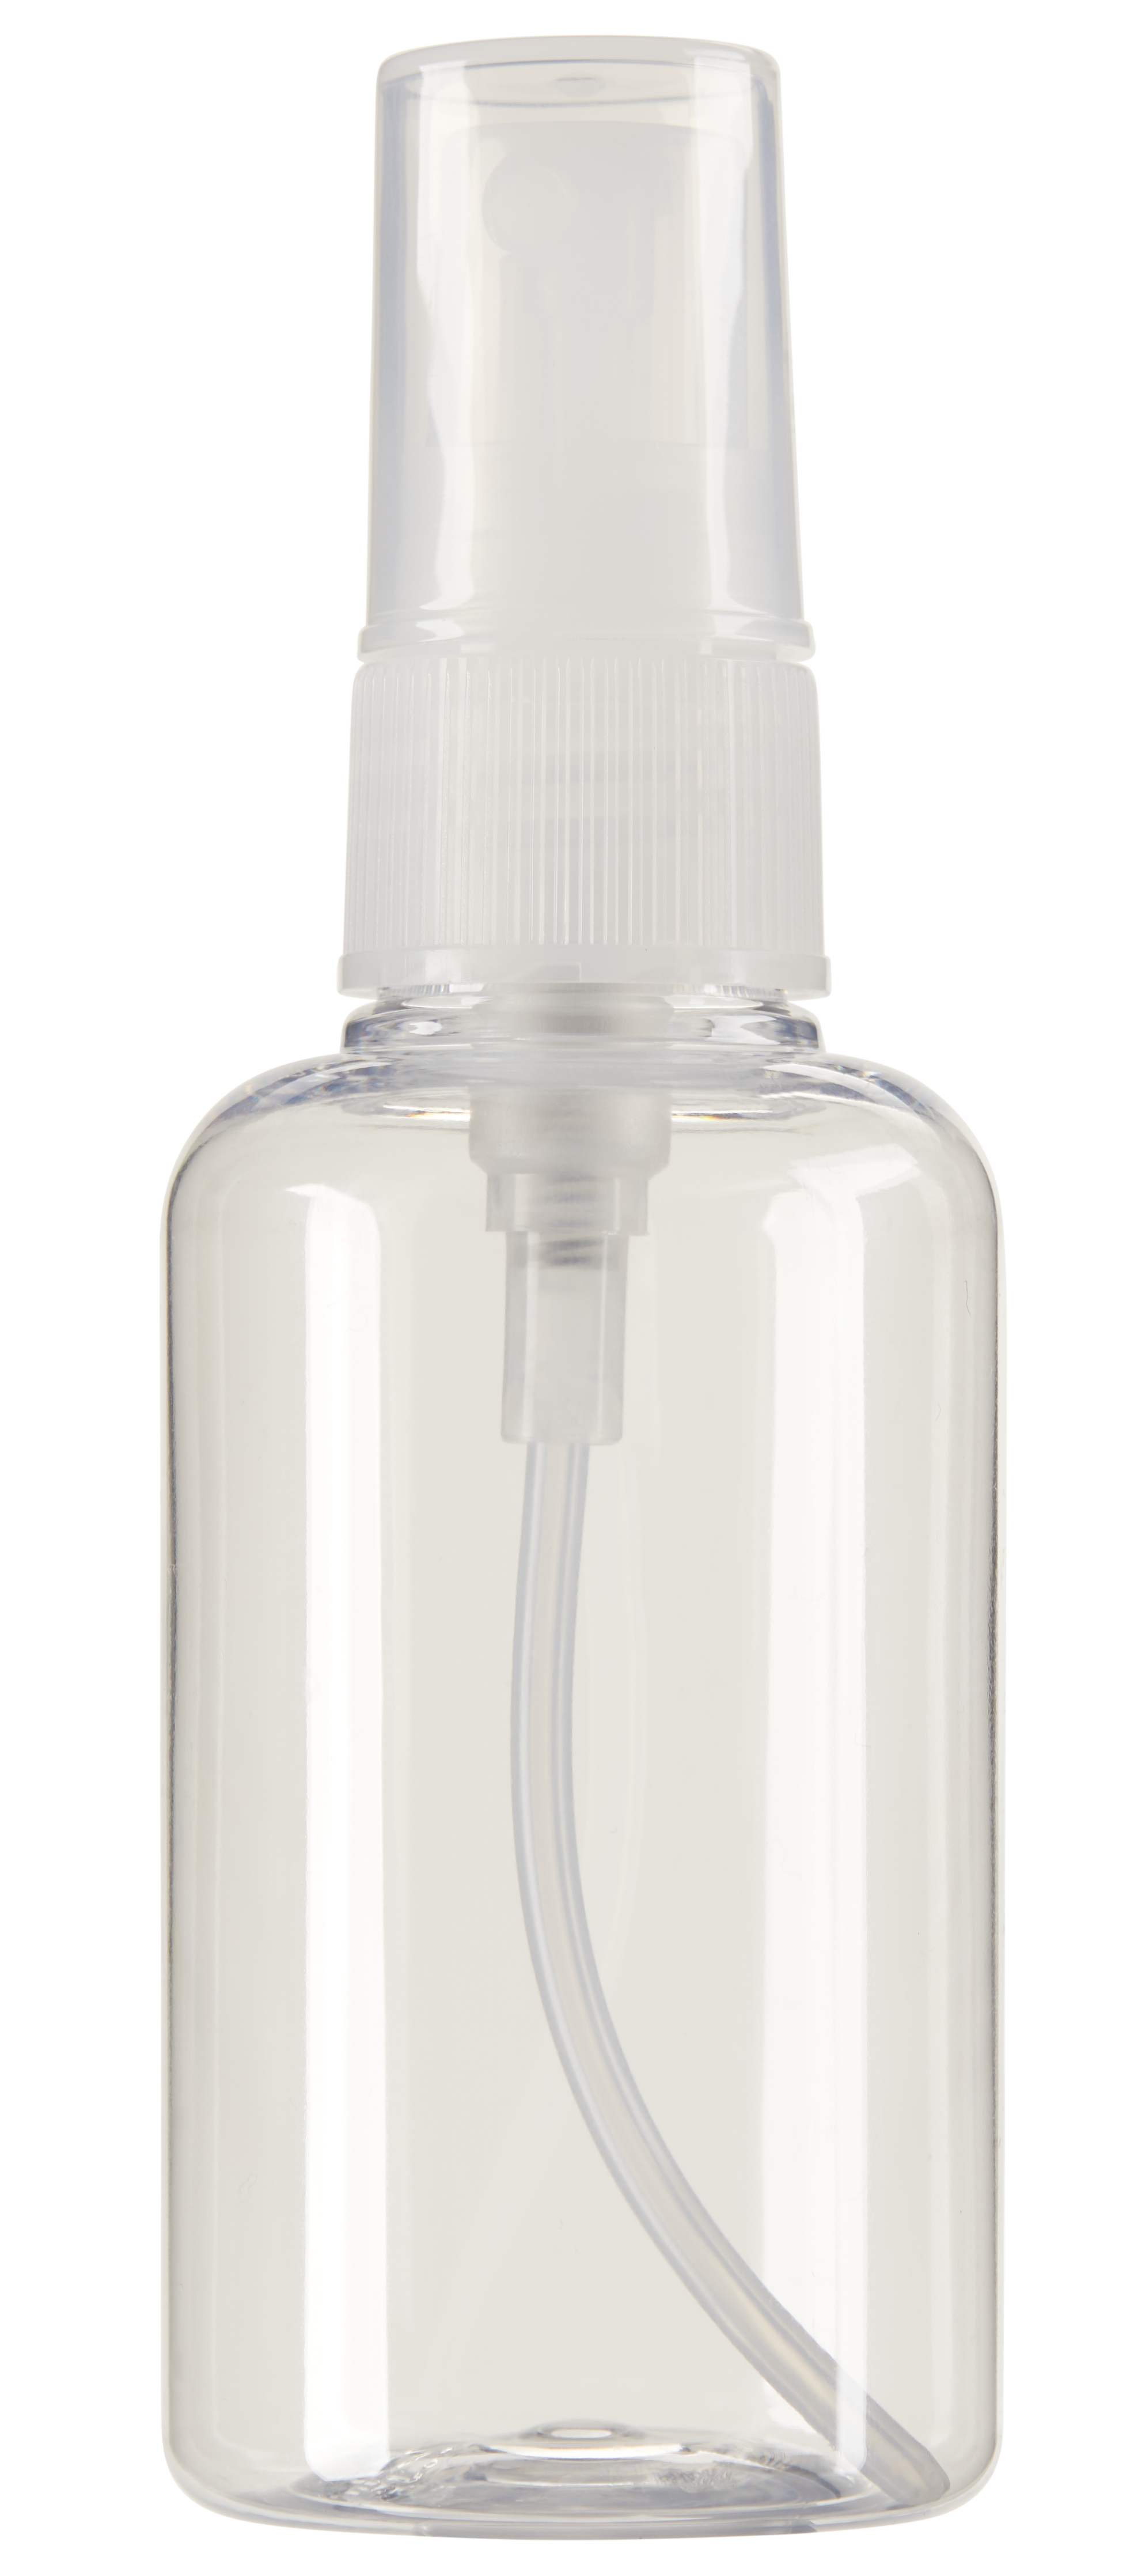 Reseförpackning Sprayflaska